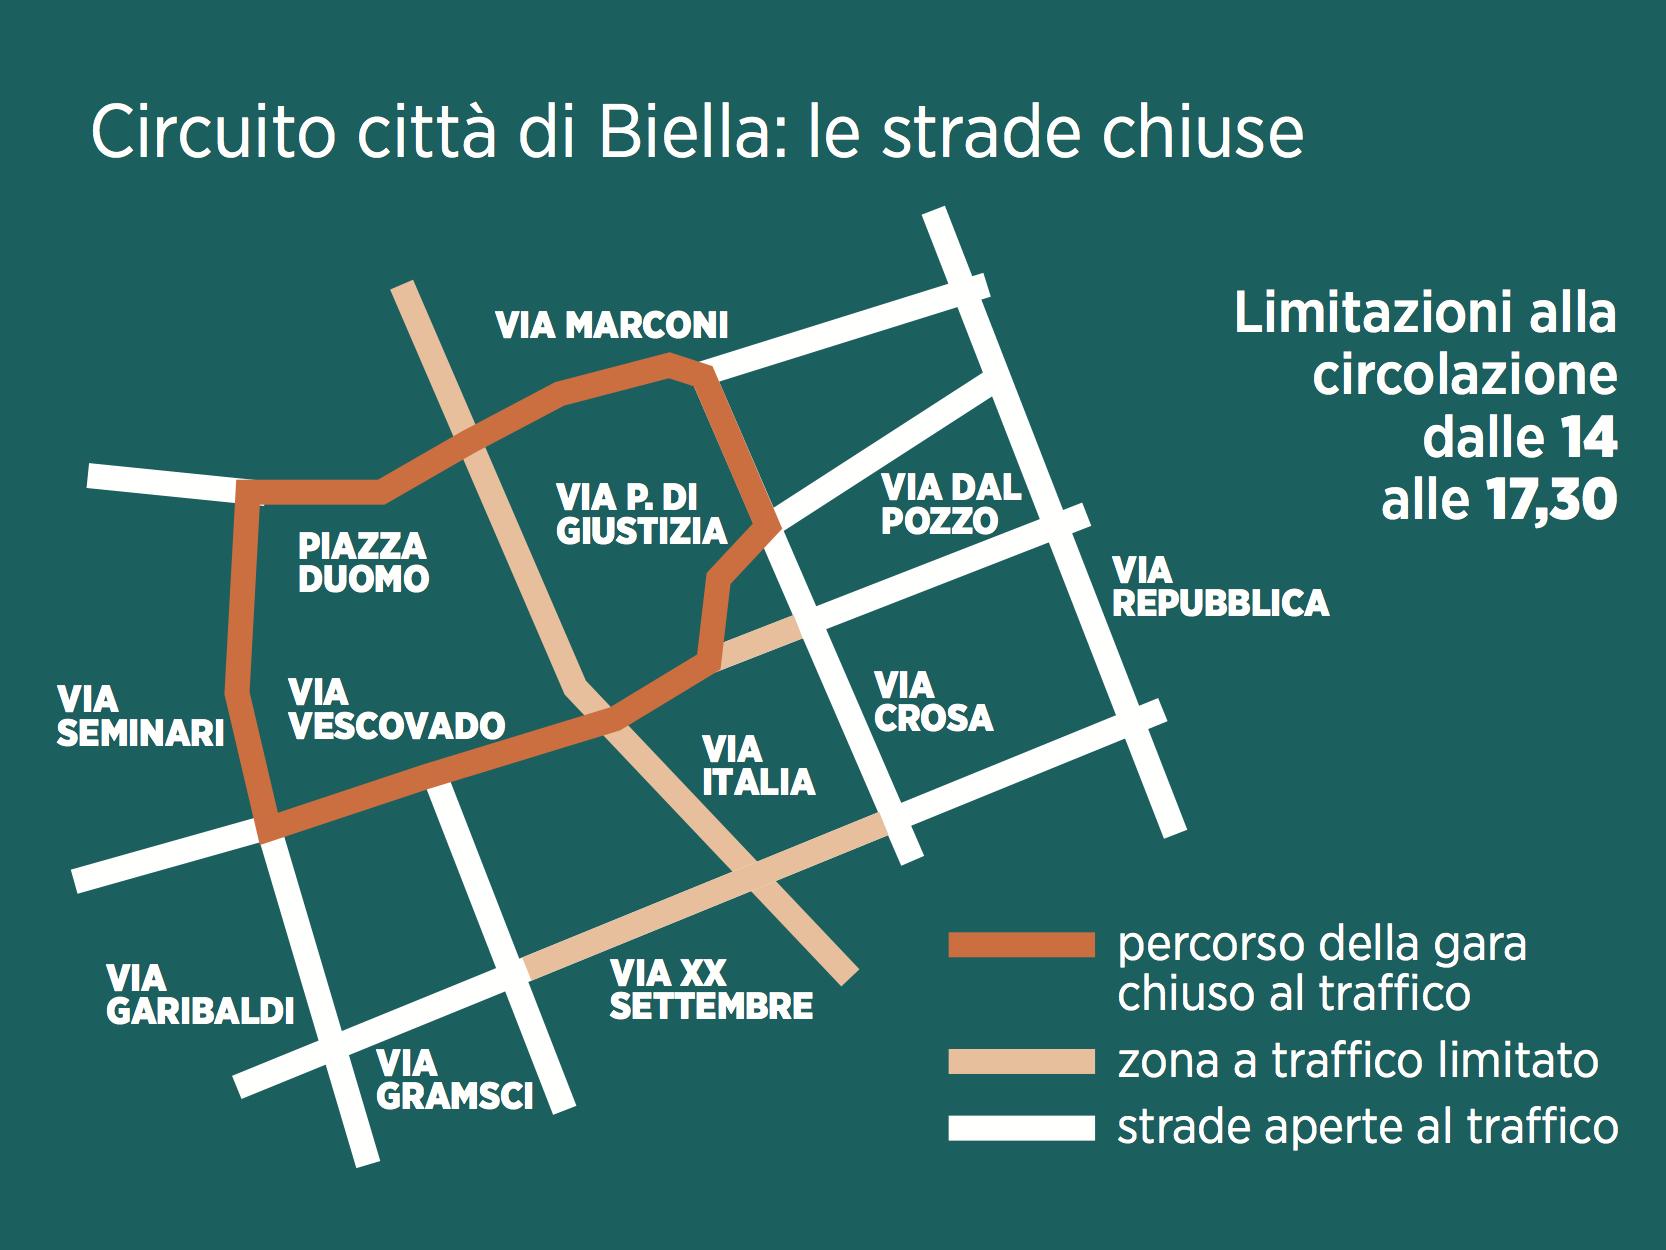 Le strade chiuse al traffico per il circuito Città di Biella